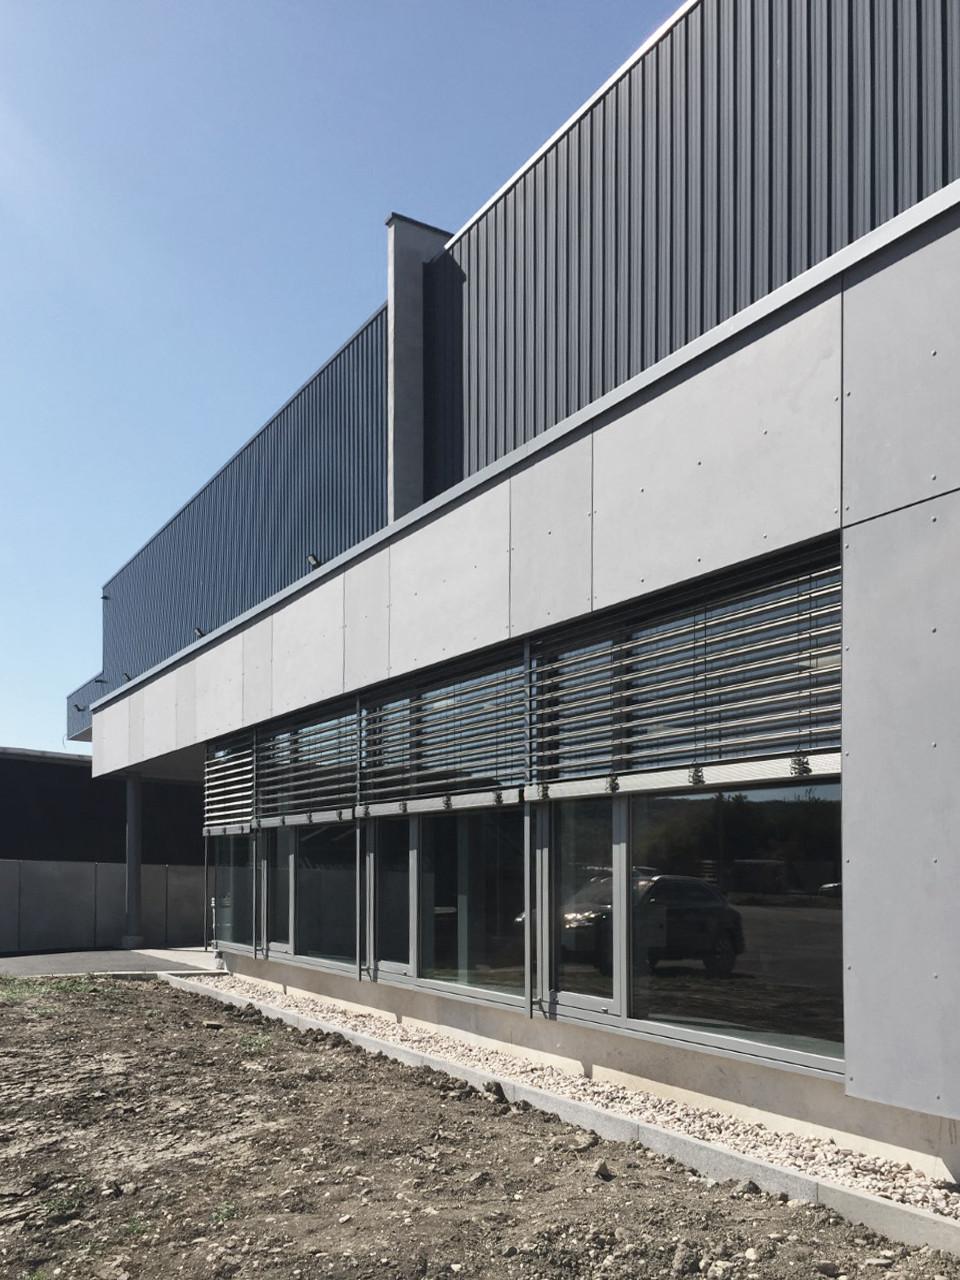 EXTENSION D'UN BATIMENT DE LOGISTIQUE   Projet livré | Champigneulles (54) | 2019